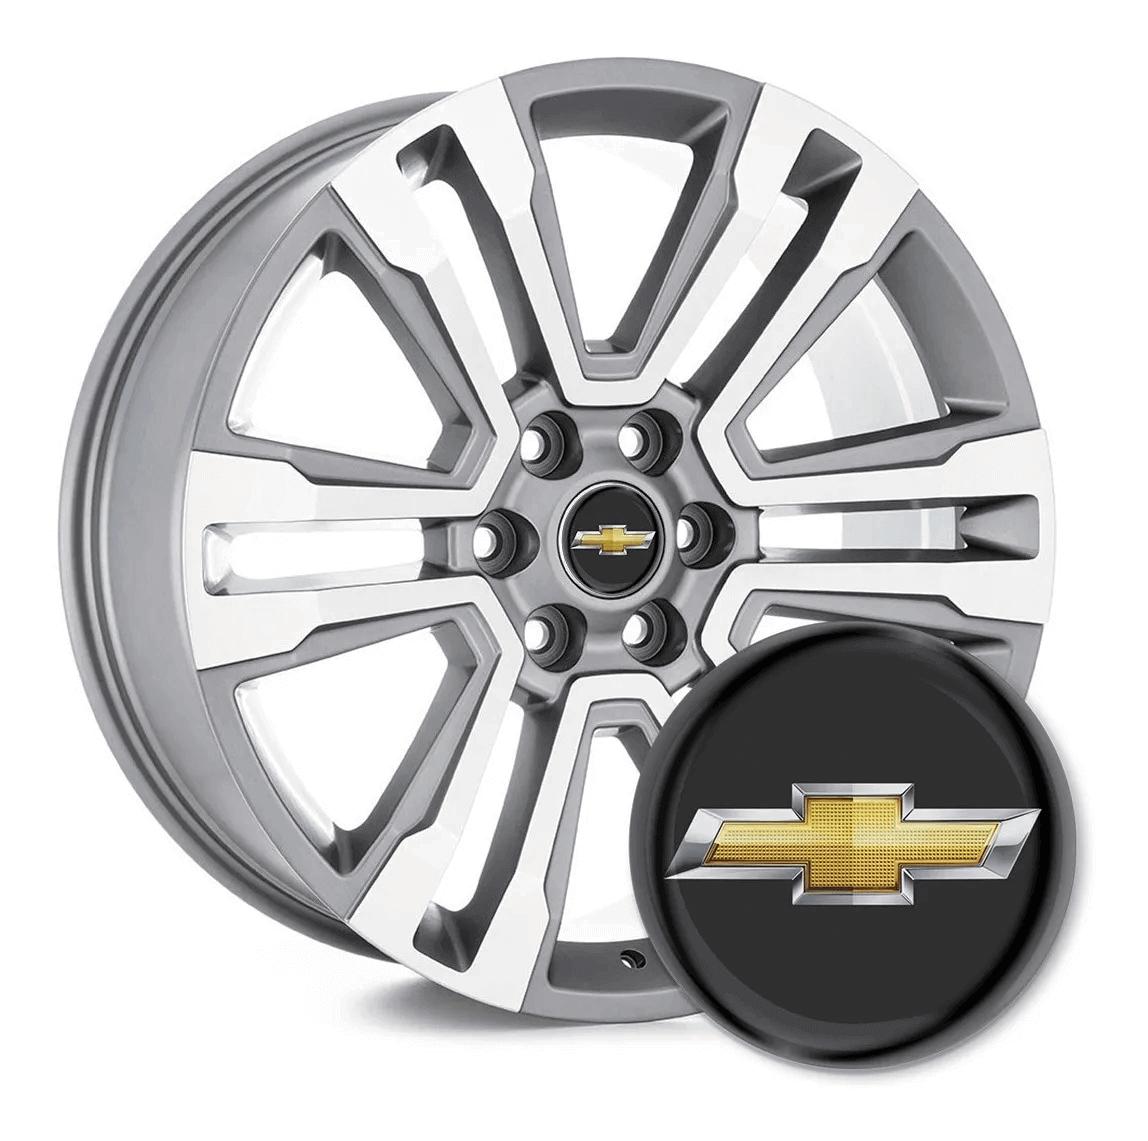 4 Emblemas Resinado Chevrolet p/ calota - 48mm